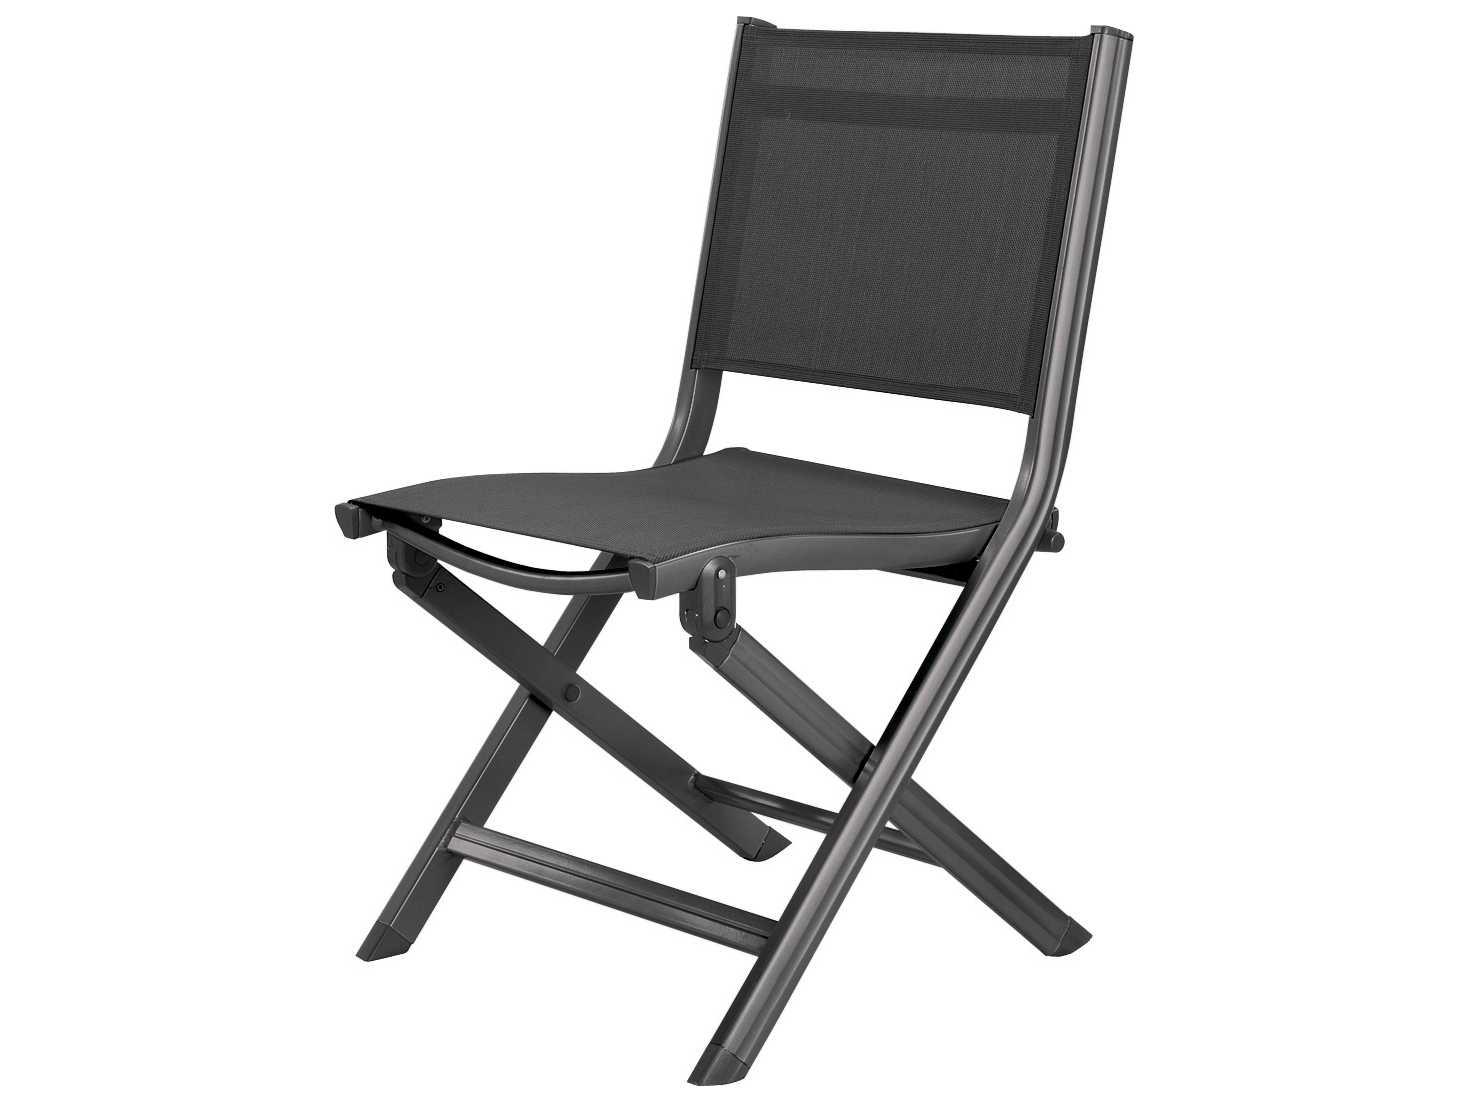 Kettler Basic Plus Folding Side Chair Gray Gray